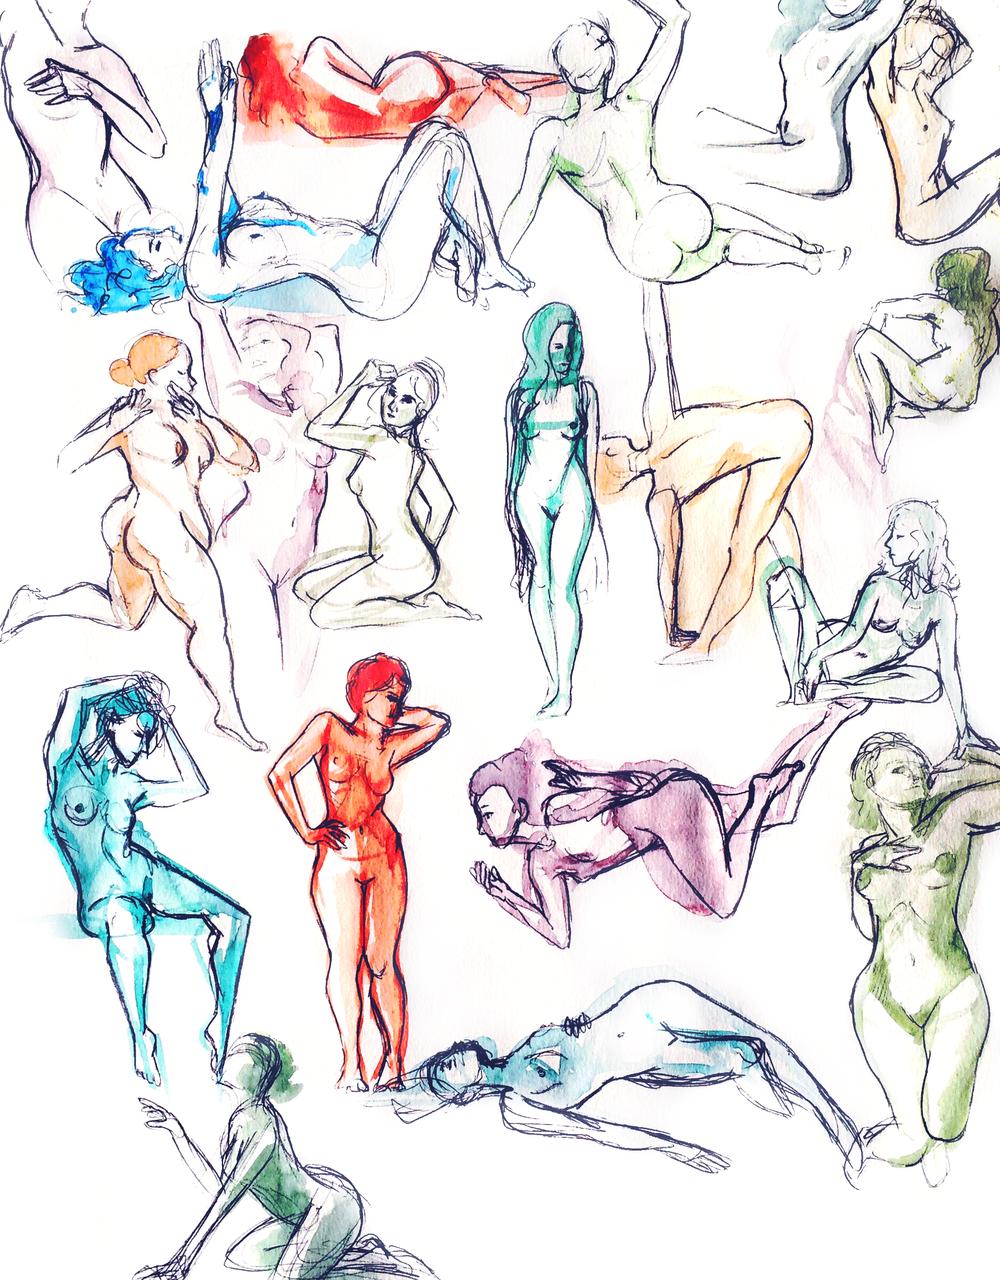 Pen & watercolour; 2-5 minutes each.